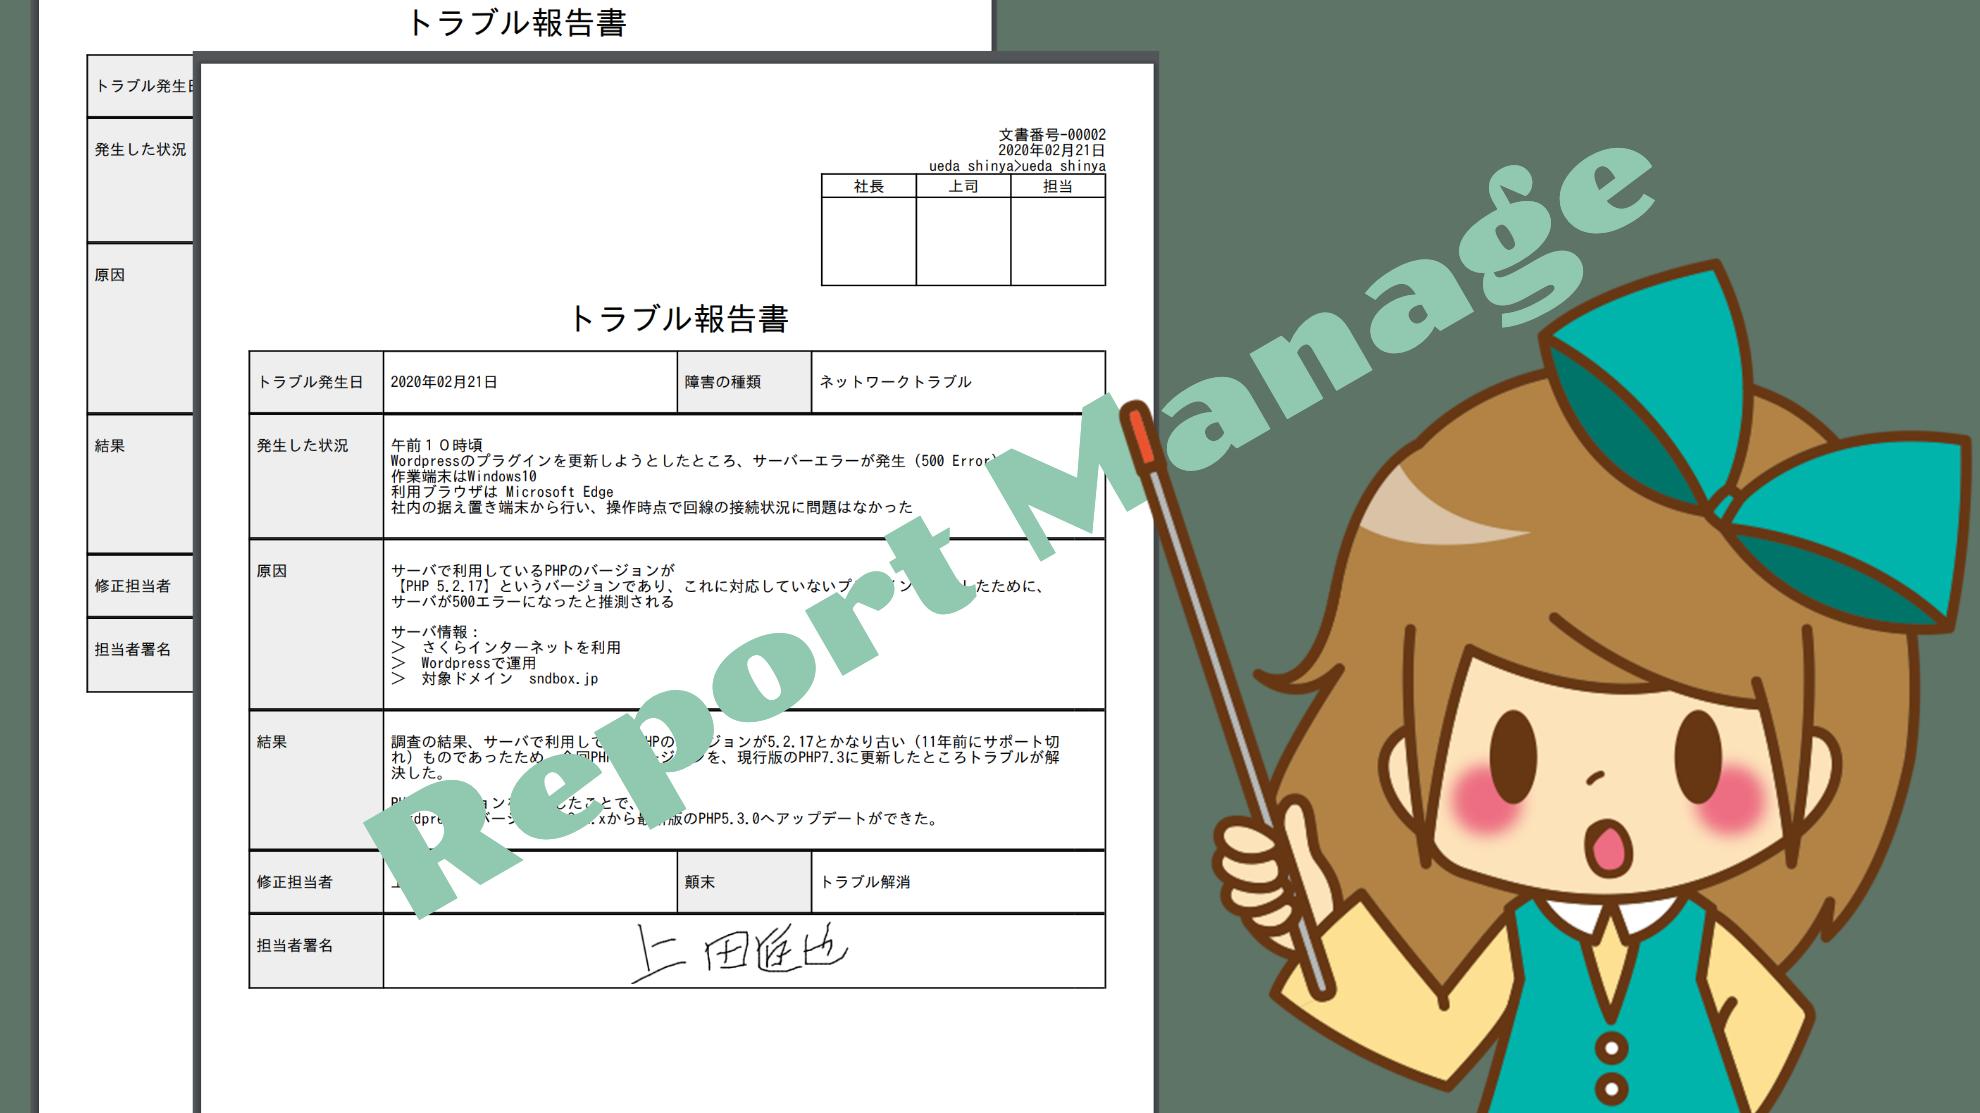 報告書管理システム